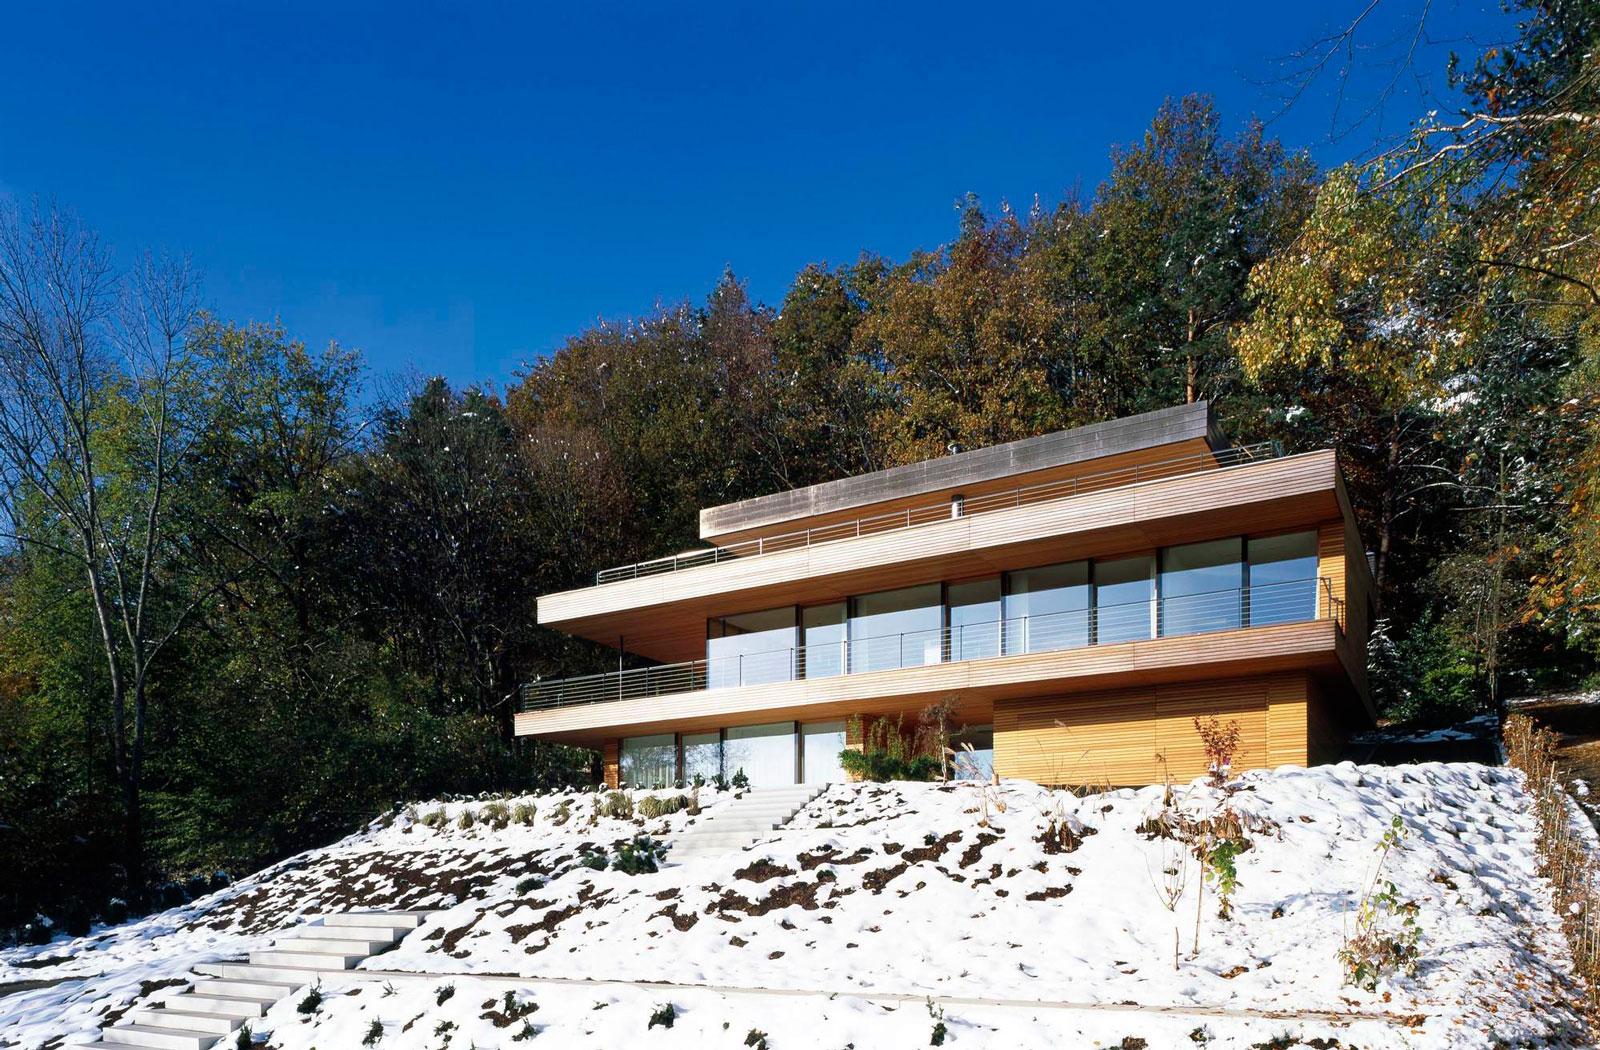 House heilbronn by k m architektur homedezen for Designhotel heilbronn